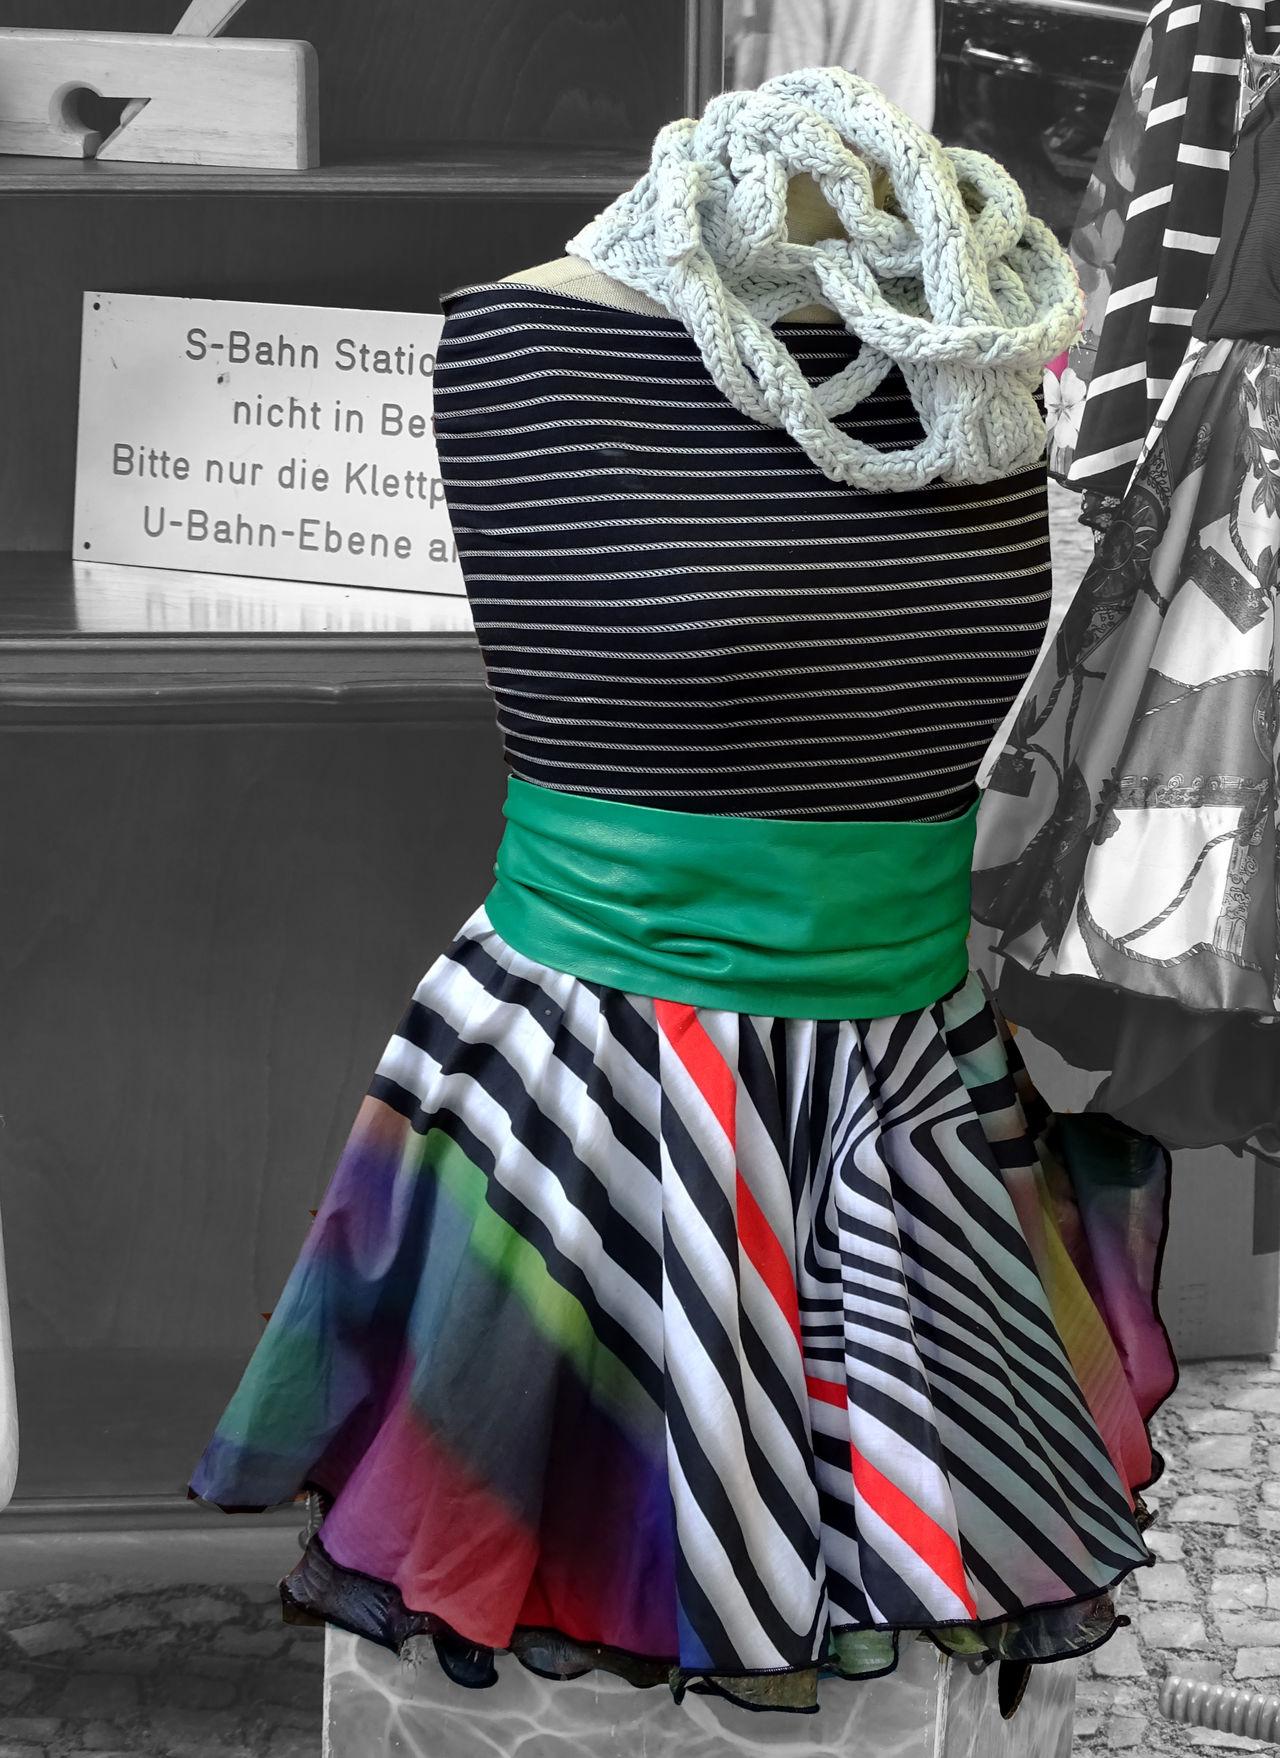 People Only Women Clothes Shopping ♡ Vintage Vintage Shopping Fleamarket Flea Markets Berliner Ansichten EyeEm Gallery